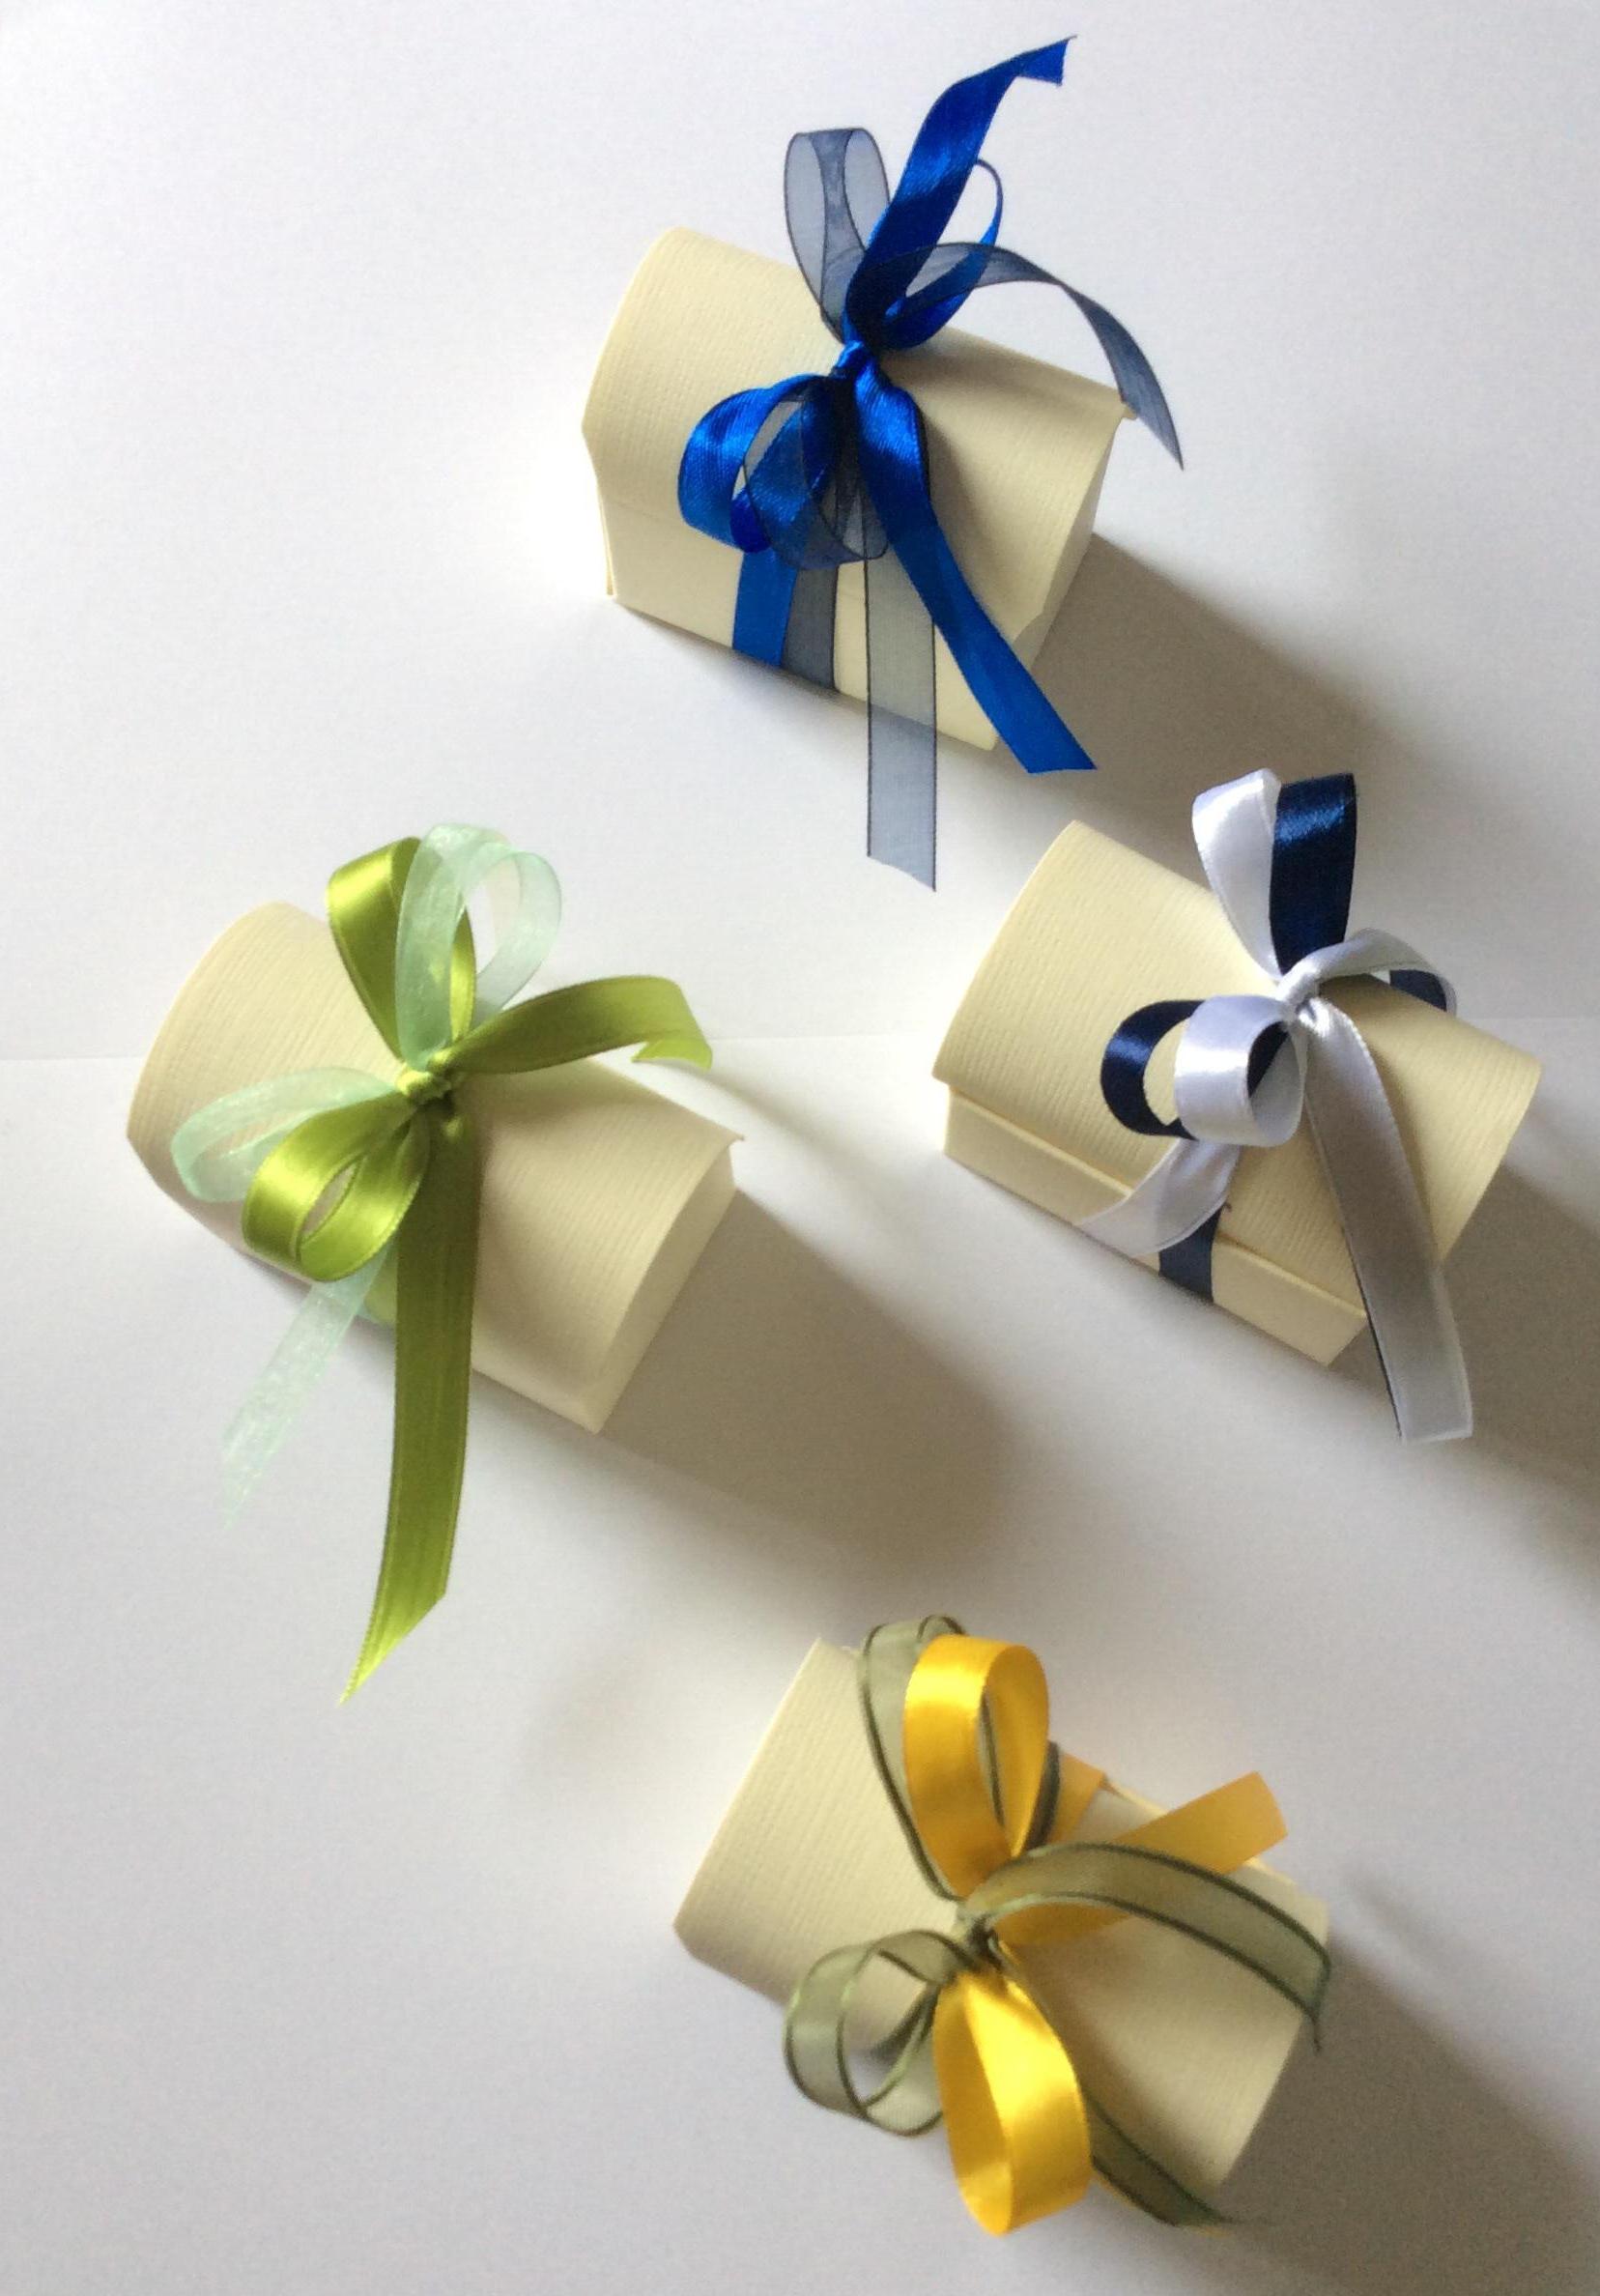 Bomboniera con scatola di cartone e fiocco blu/bianco/verde/giallo